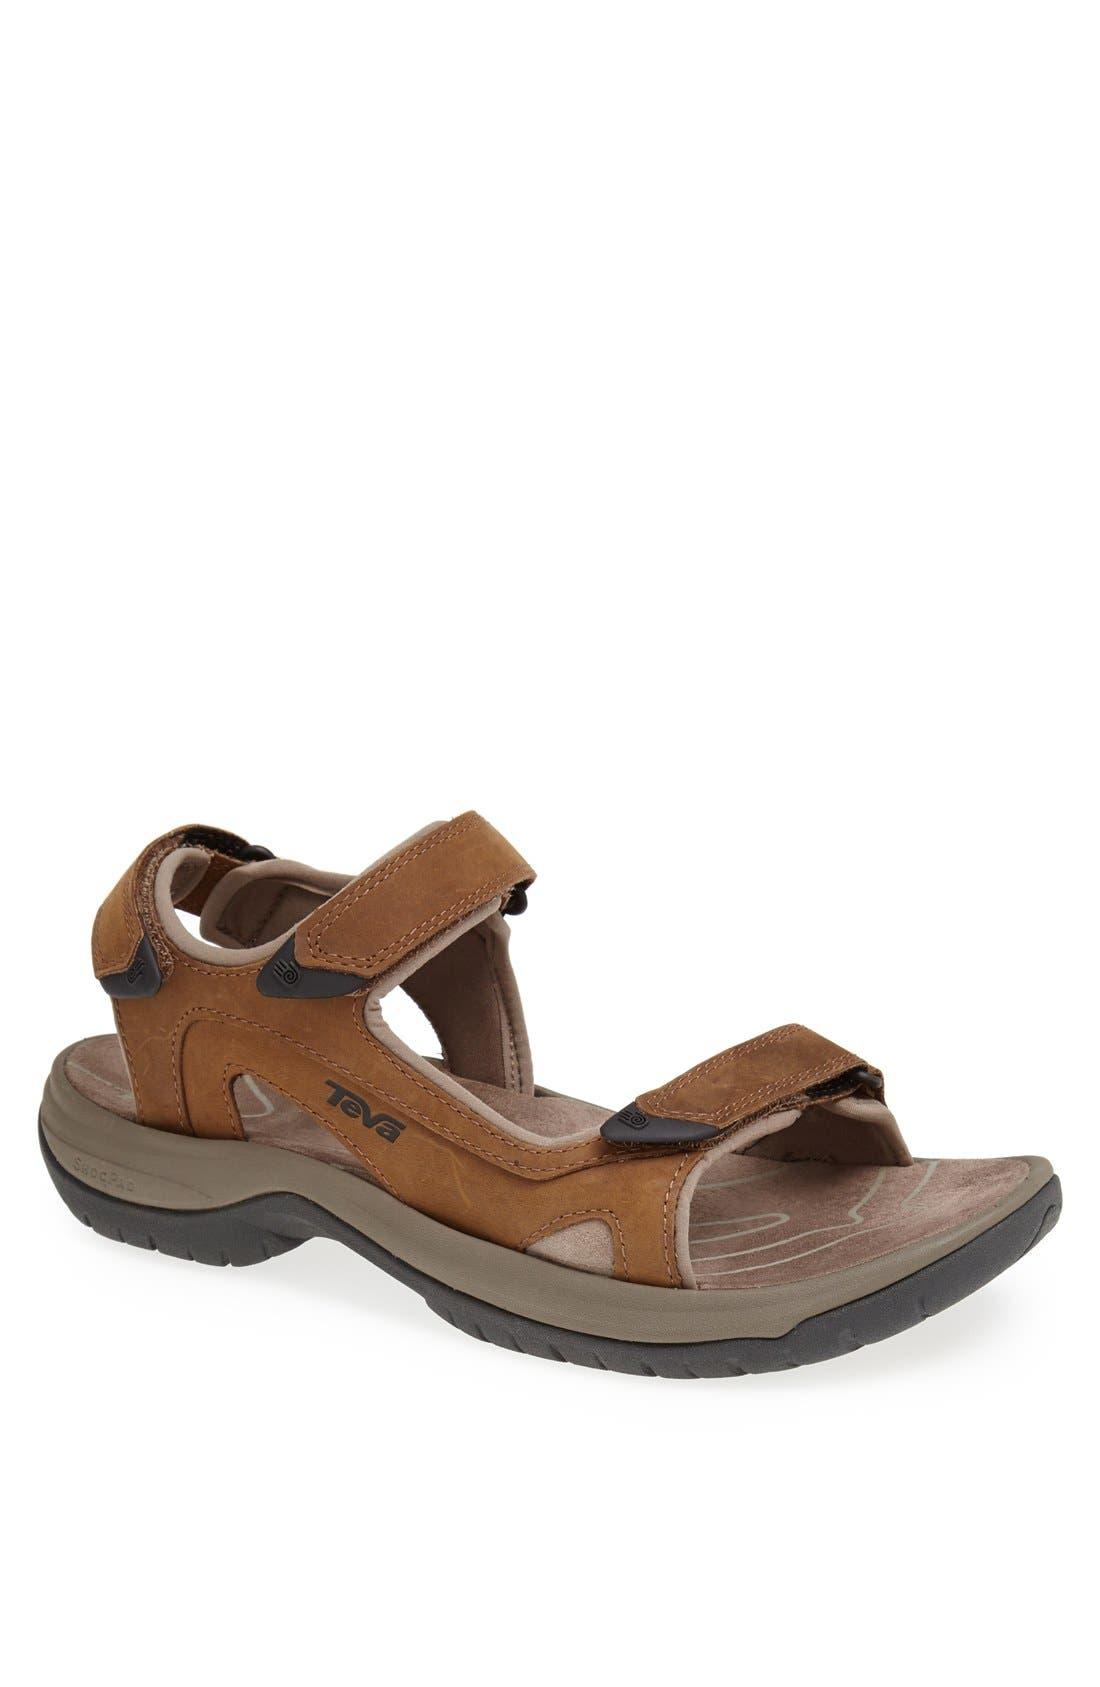 Main Image - Teva 'Jetter' Sandal (Men)